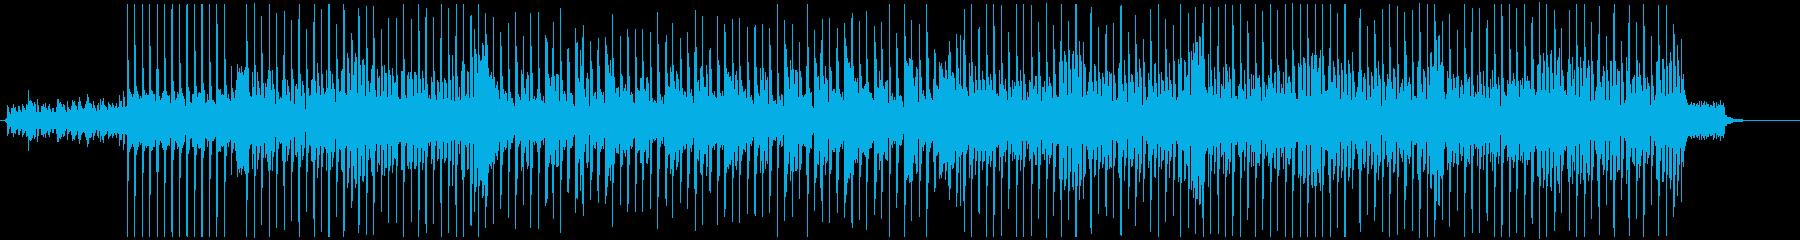 アコースティック・ポジティブ・お気楽Cの再生済みの波形